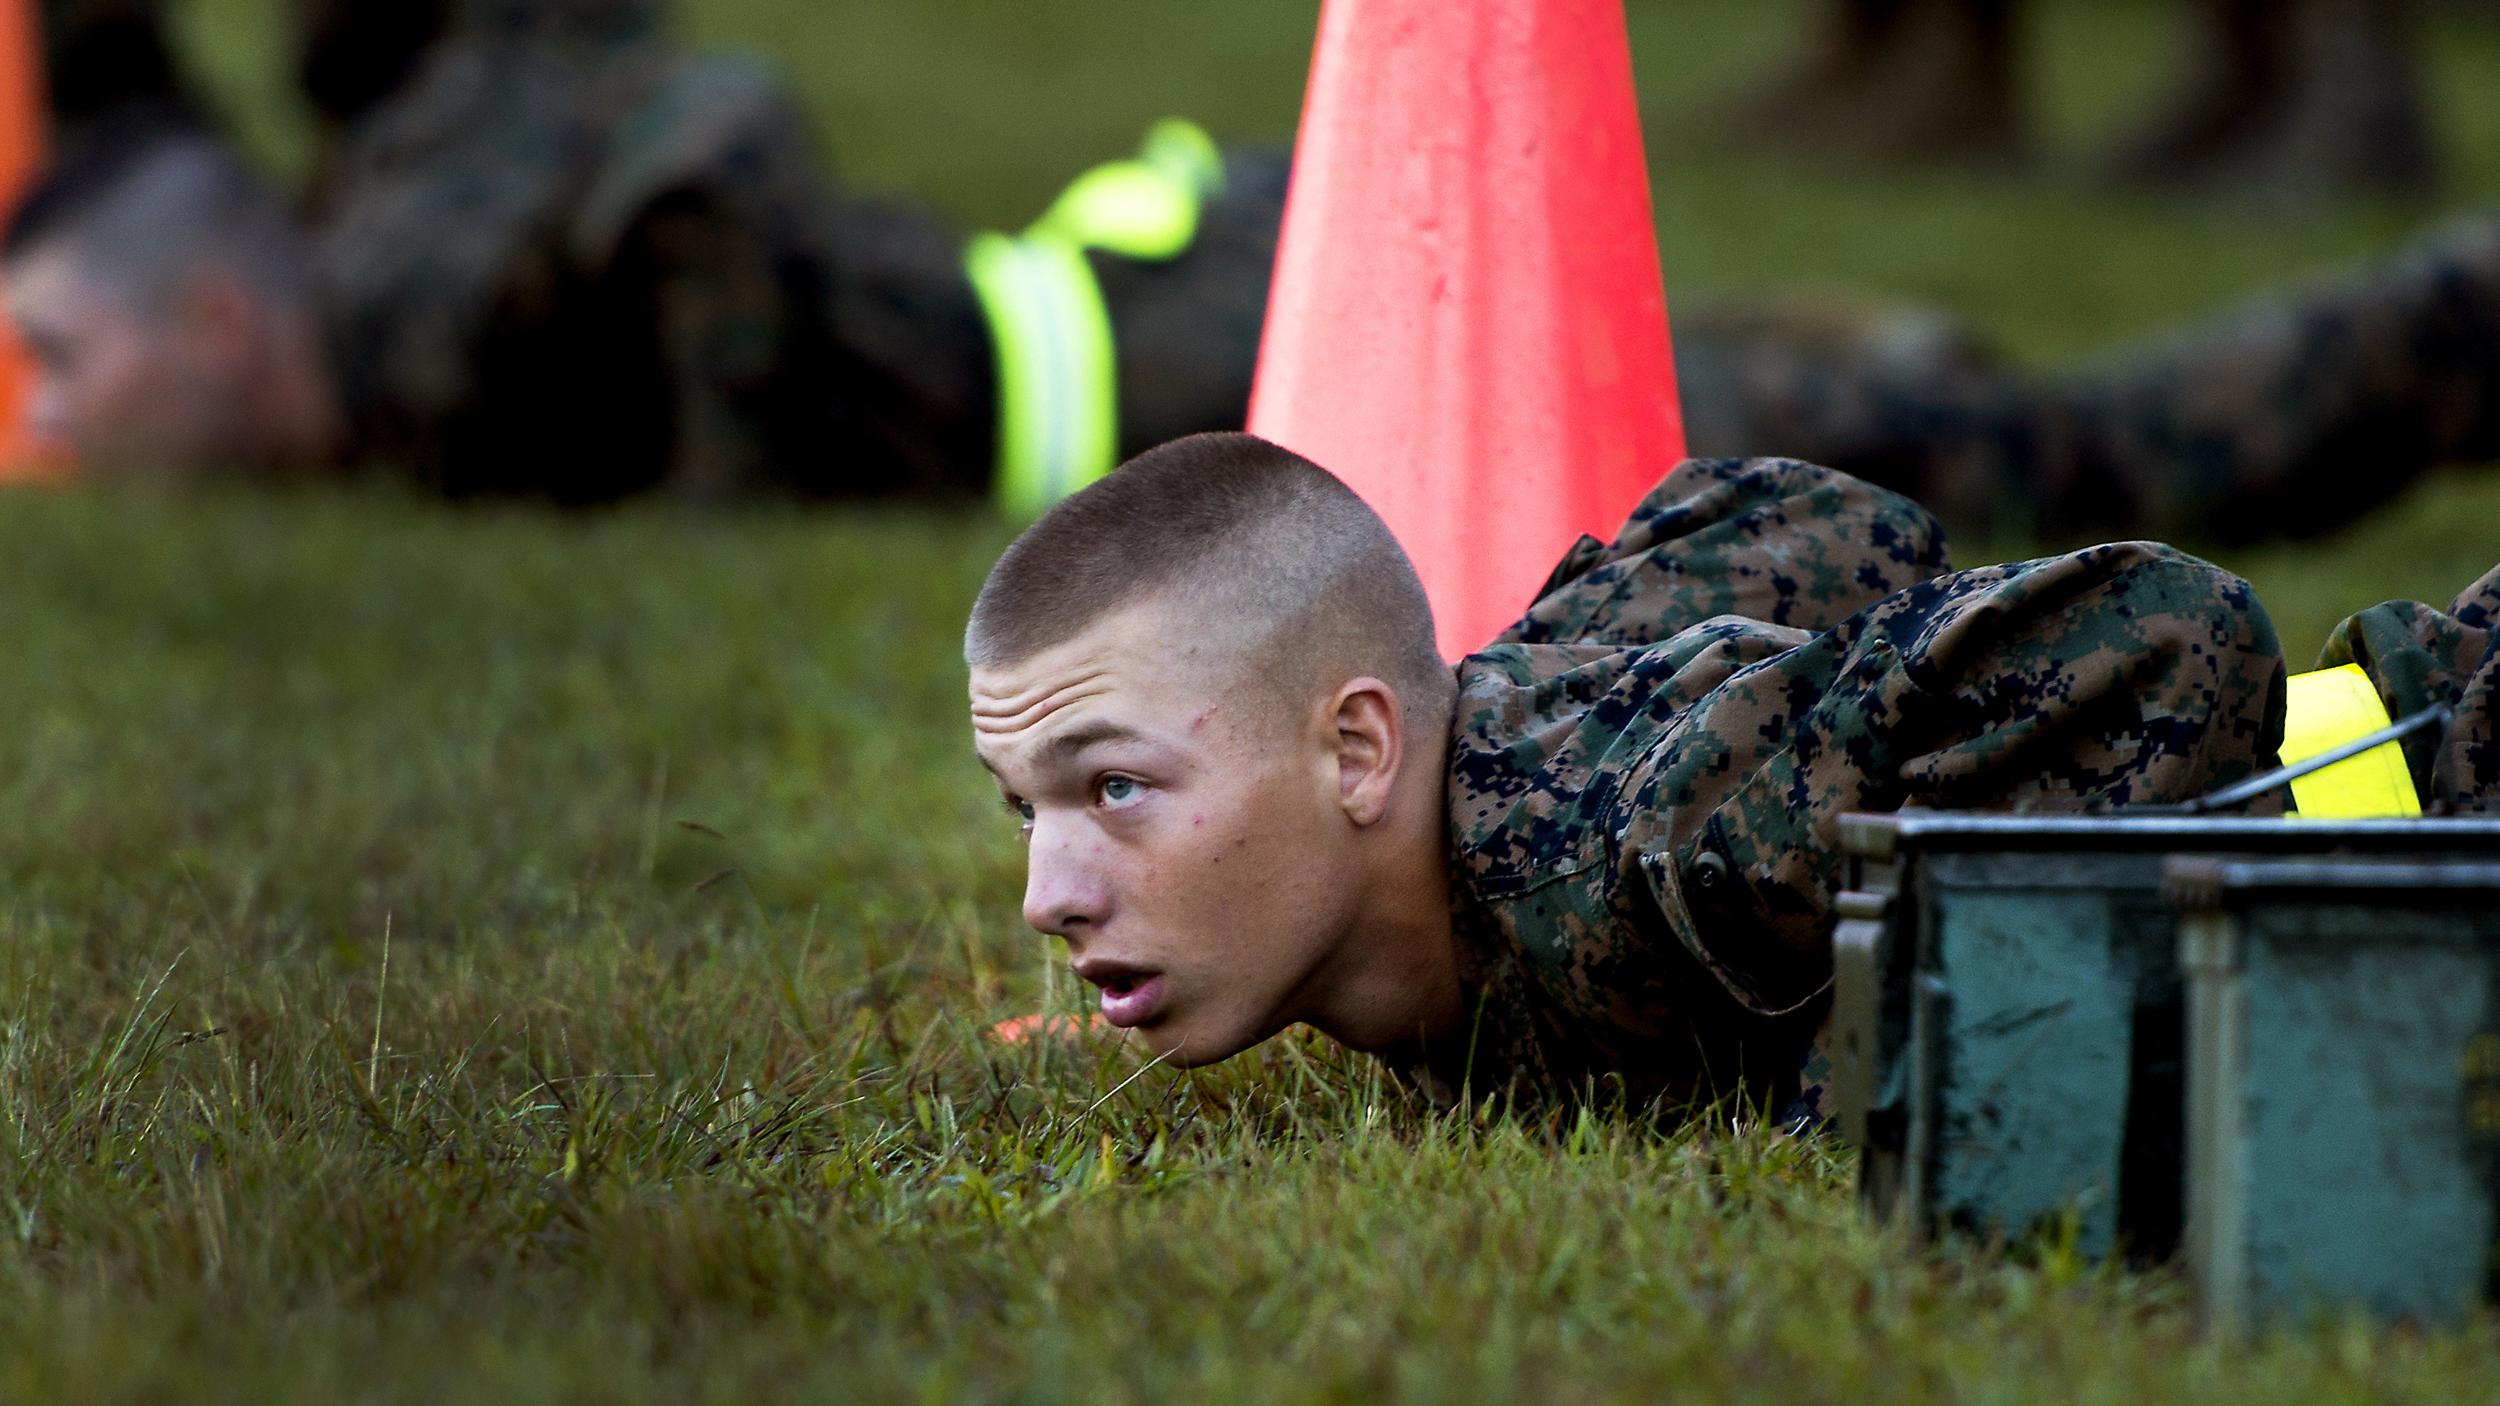 آموزش سرباز از نوع آمریکایی؛ یک شبانه روز با تفنگداران ویژه دریایی در پادگان آموزشی [قسمت دوم]